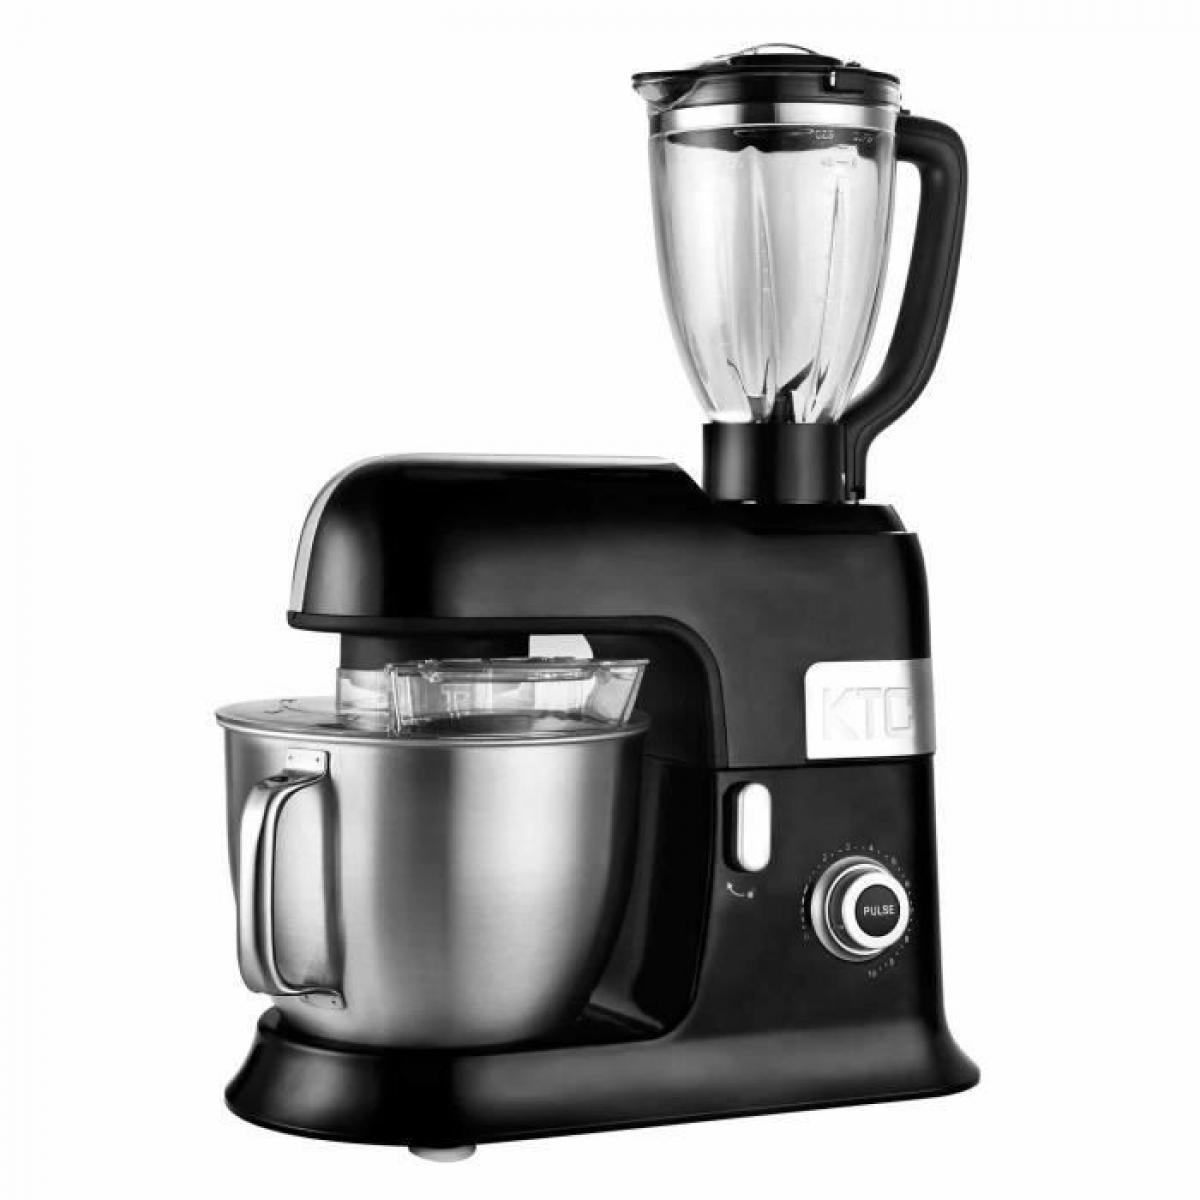 Kitchencook KITCHENCOOK EXPERT XL BLACK Robot Petrin avec Blender - 6,5L - Noir